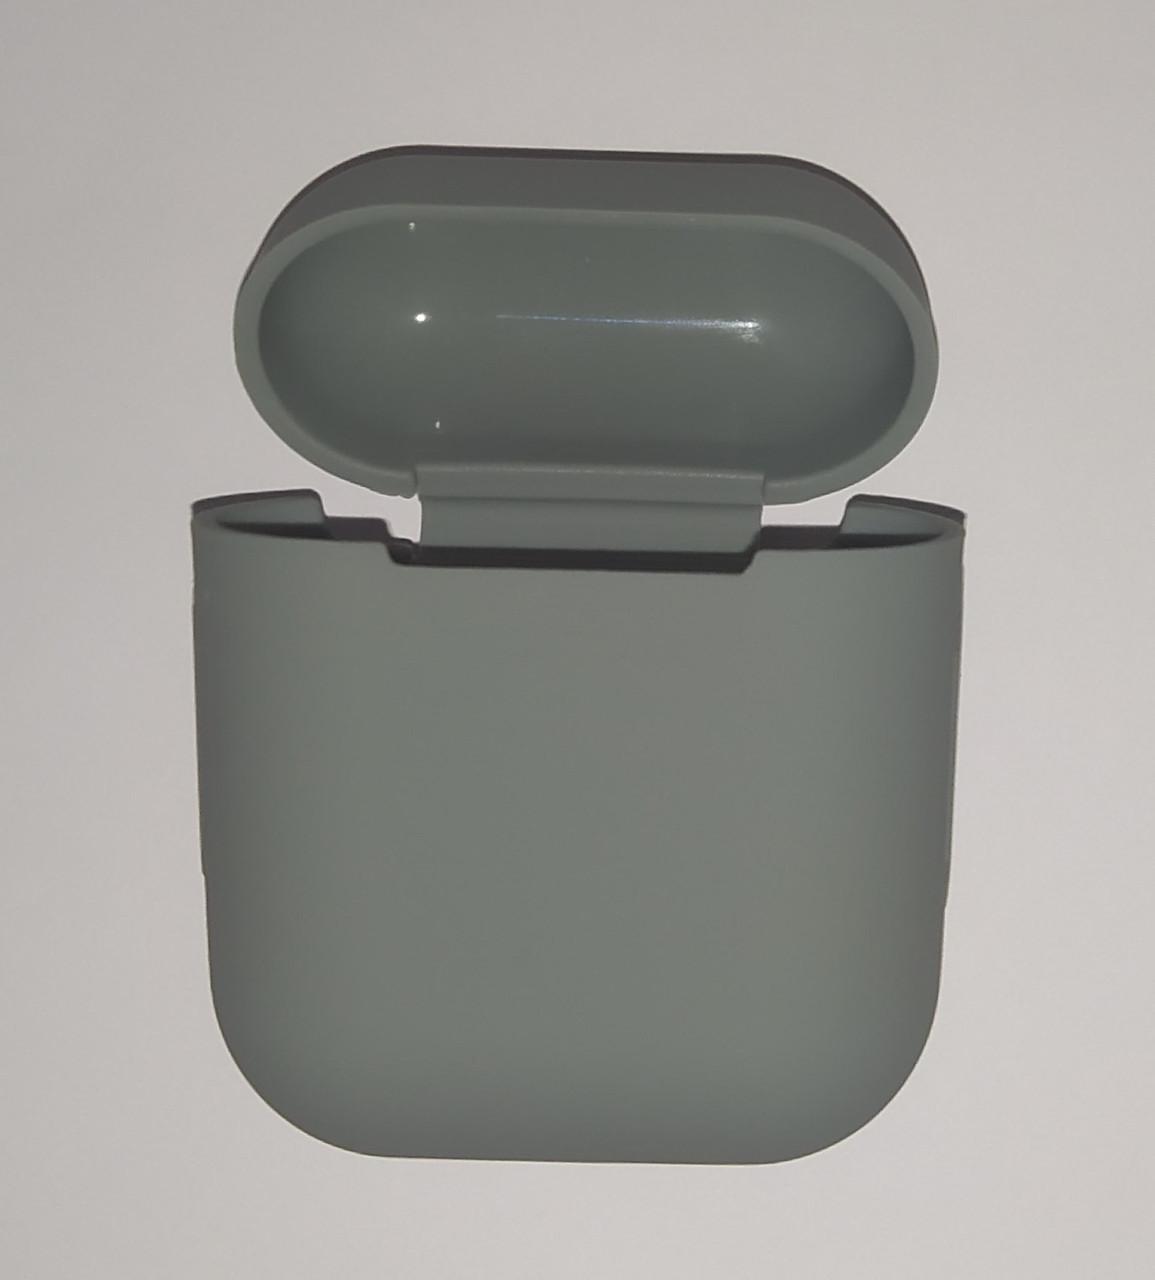 Чехол на AirPods светло-серый, силиконовый